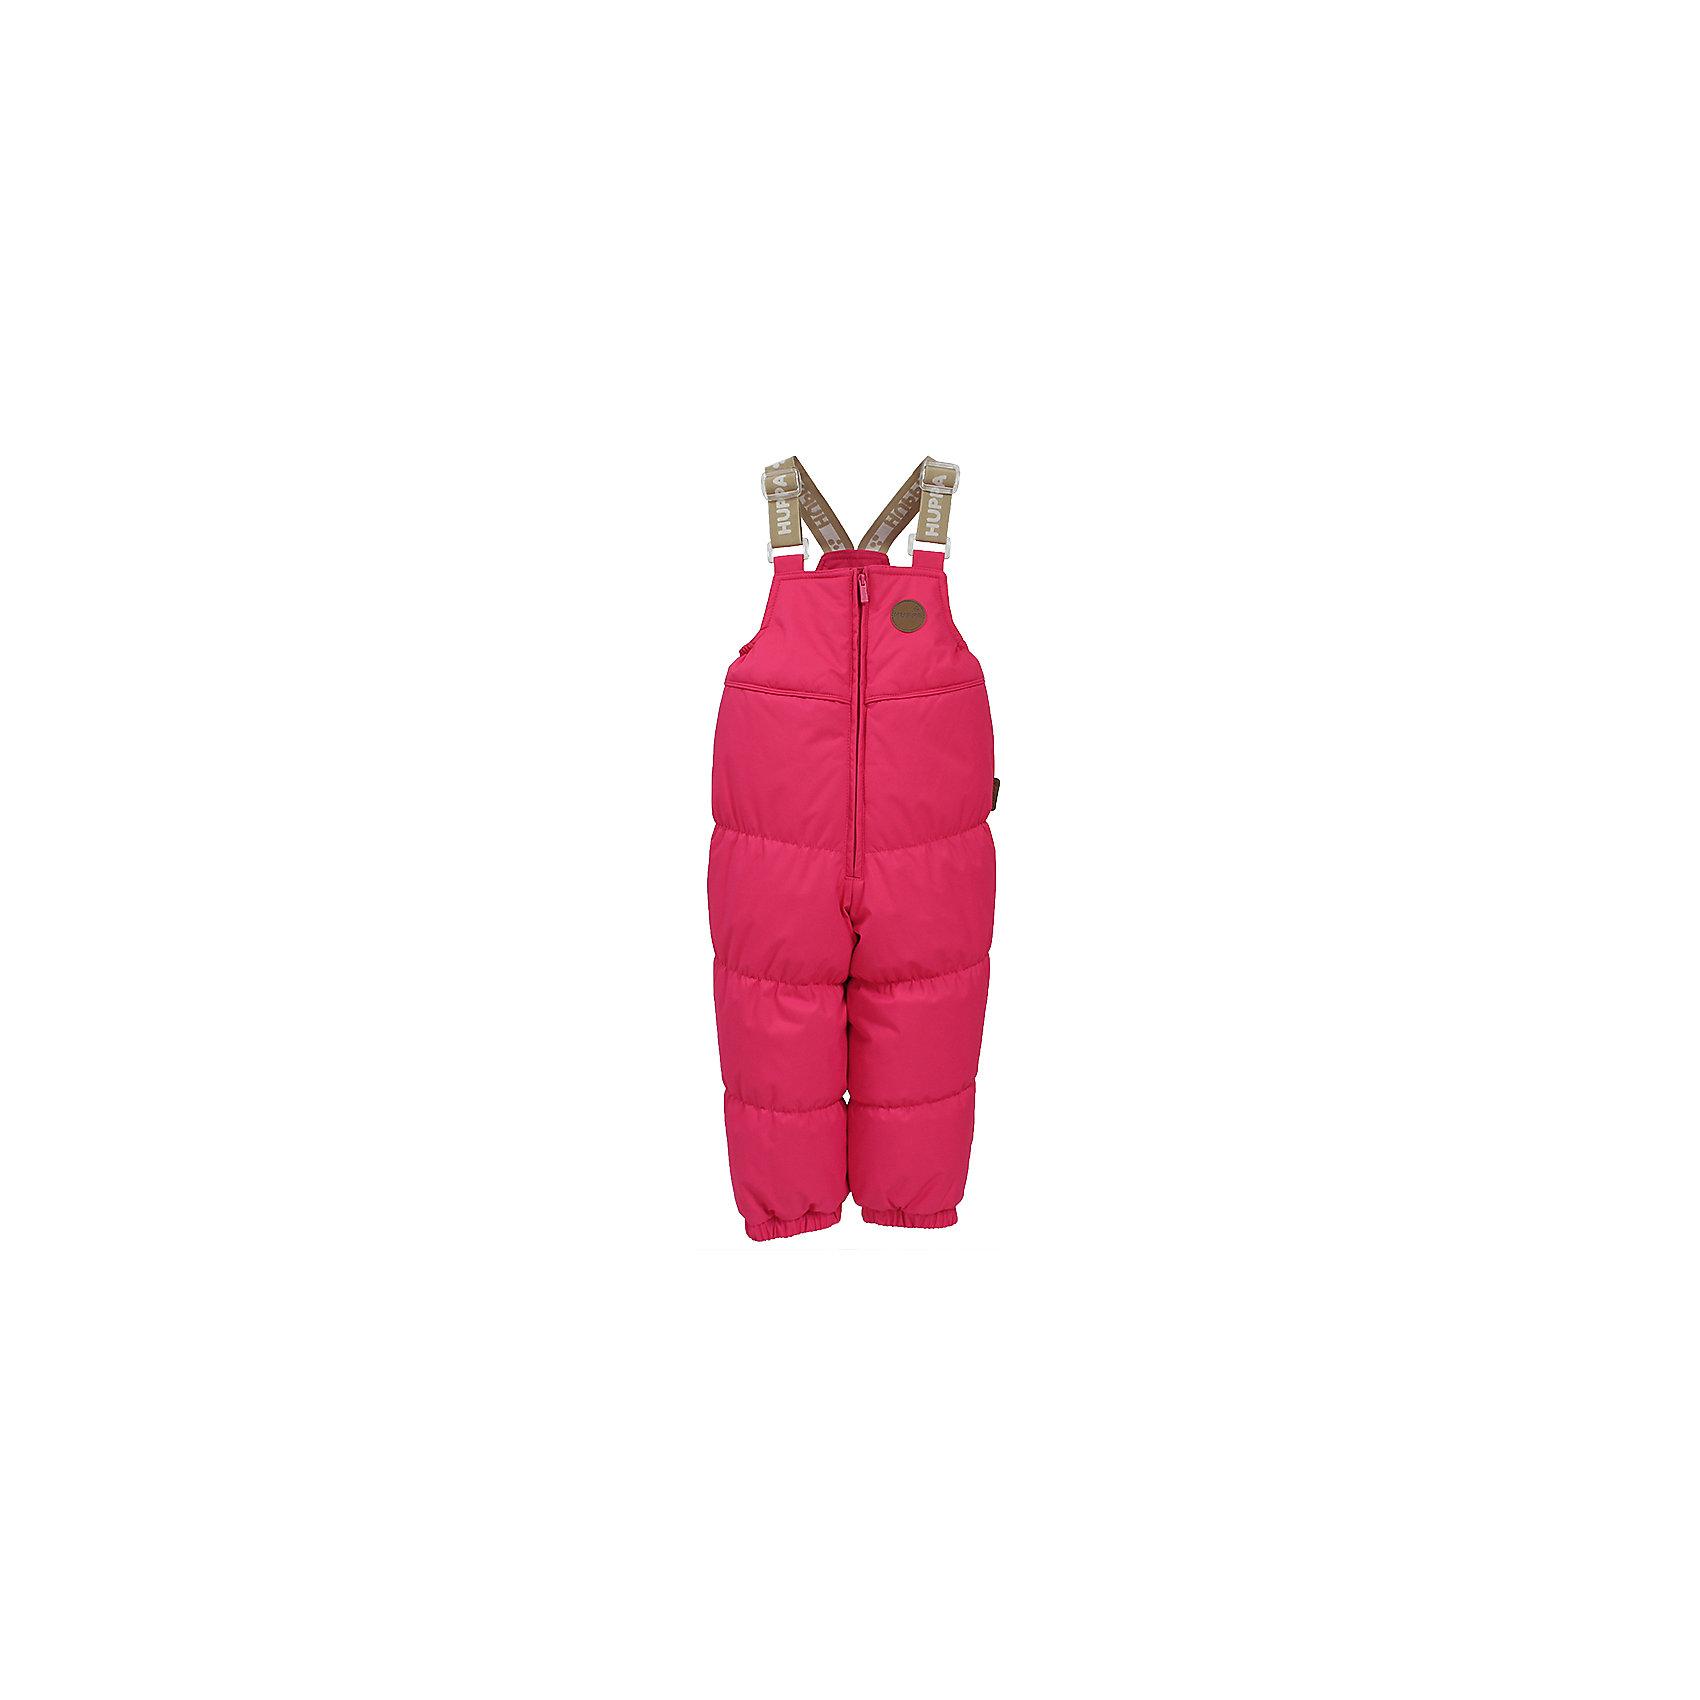 Брюки DOMAS HuppaВерхняя одежда<br>Брюки для малышей DOMAS.Водо и воздухонепроницаемость 10  000. Подкладка фланель 100% хлопок.Утеплитель 160 гр. Манжеты брюк на резинке.Петли для ступней. Резиновые подтяжки.<br>Состав:<br>100% Полиэстер<br><br>Ширина мм: 215<br>Глубина мм: 88<br>Высота мм: 191<br>Вес г: 336<br>Цвет: фуксия<br>Возраст от месяцев: 6<br>Возраст до месяцев: 9<br>Пол: Унисекс<br>Возраст: Детский<br>Размер: 74,122,116,110,104,98,92,86,80<br>SKU: 7025081